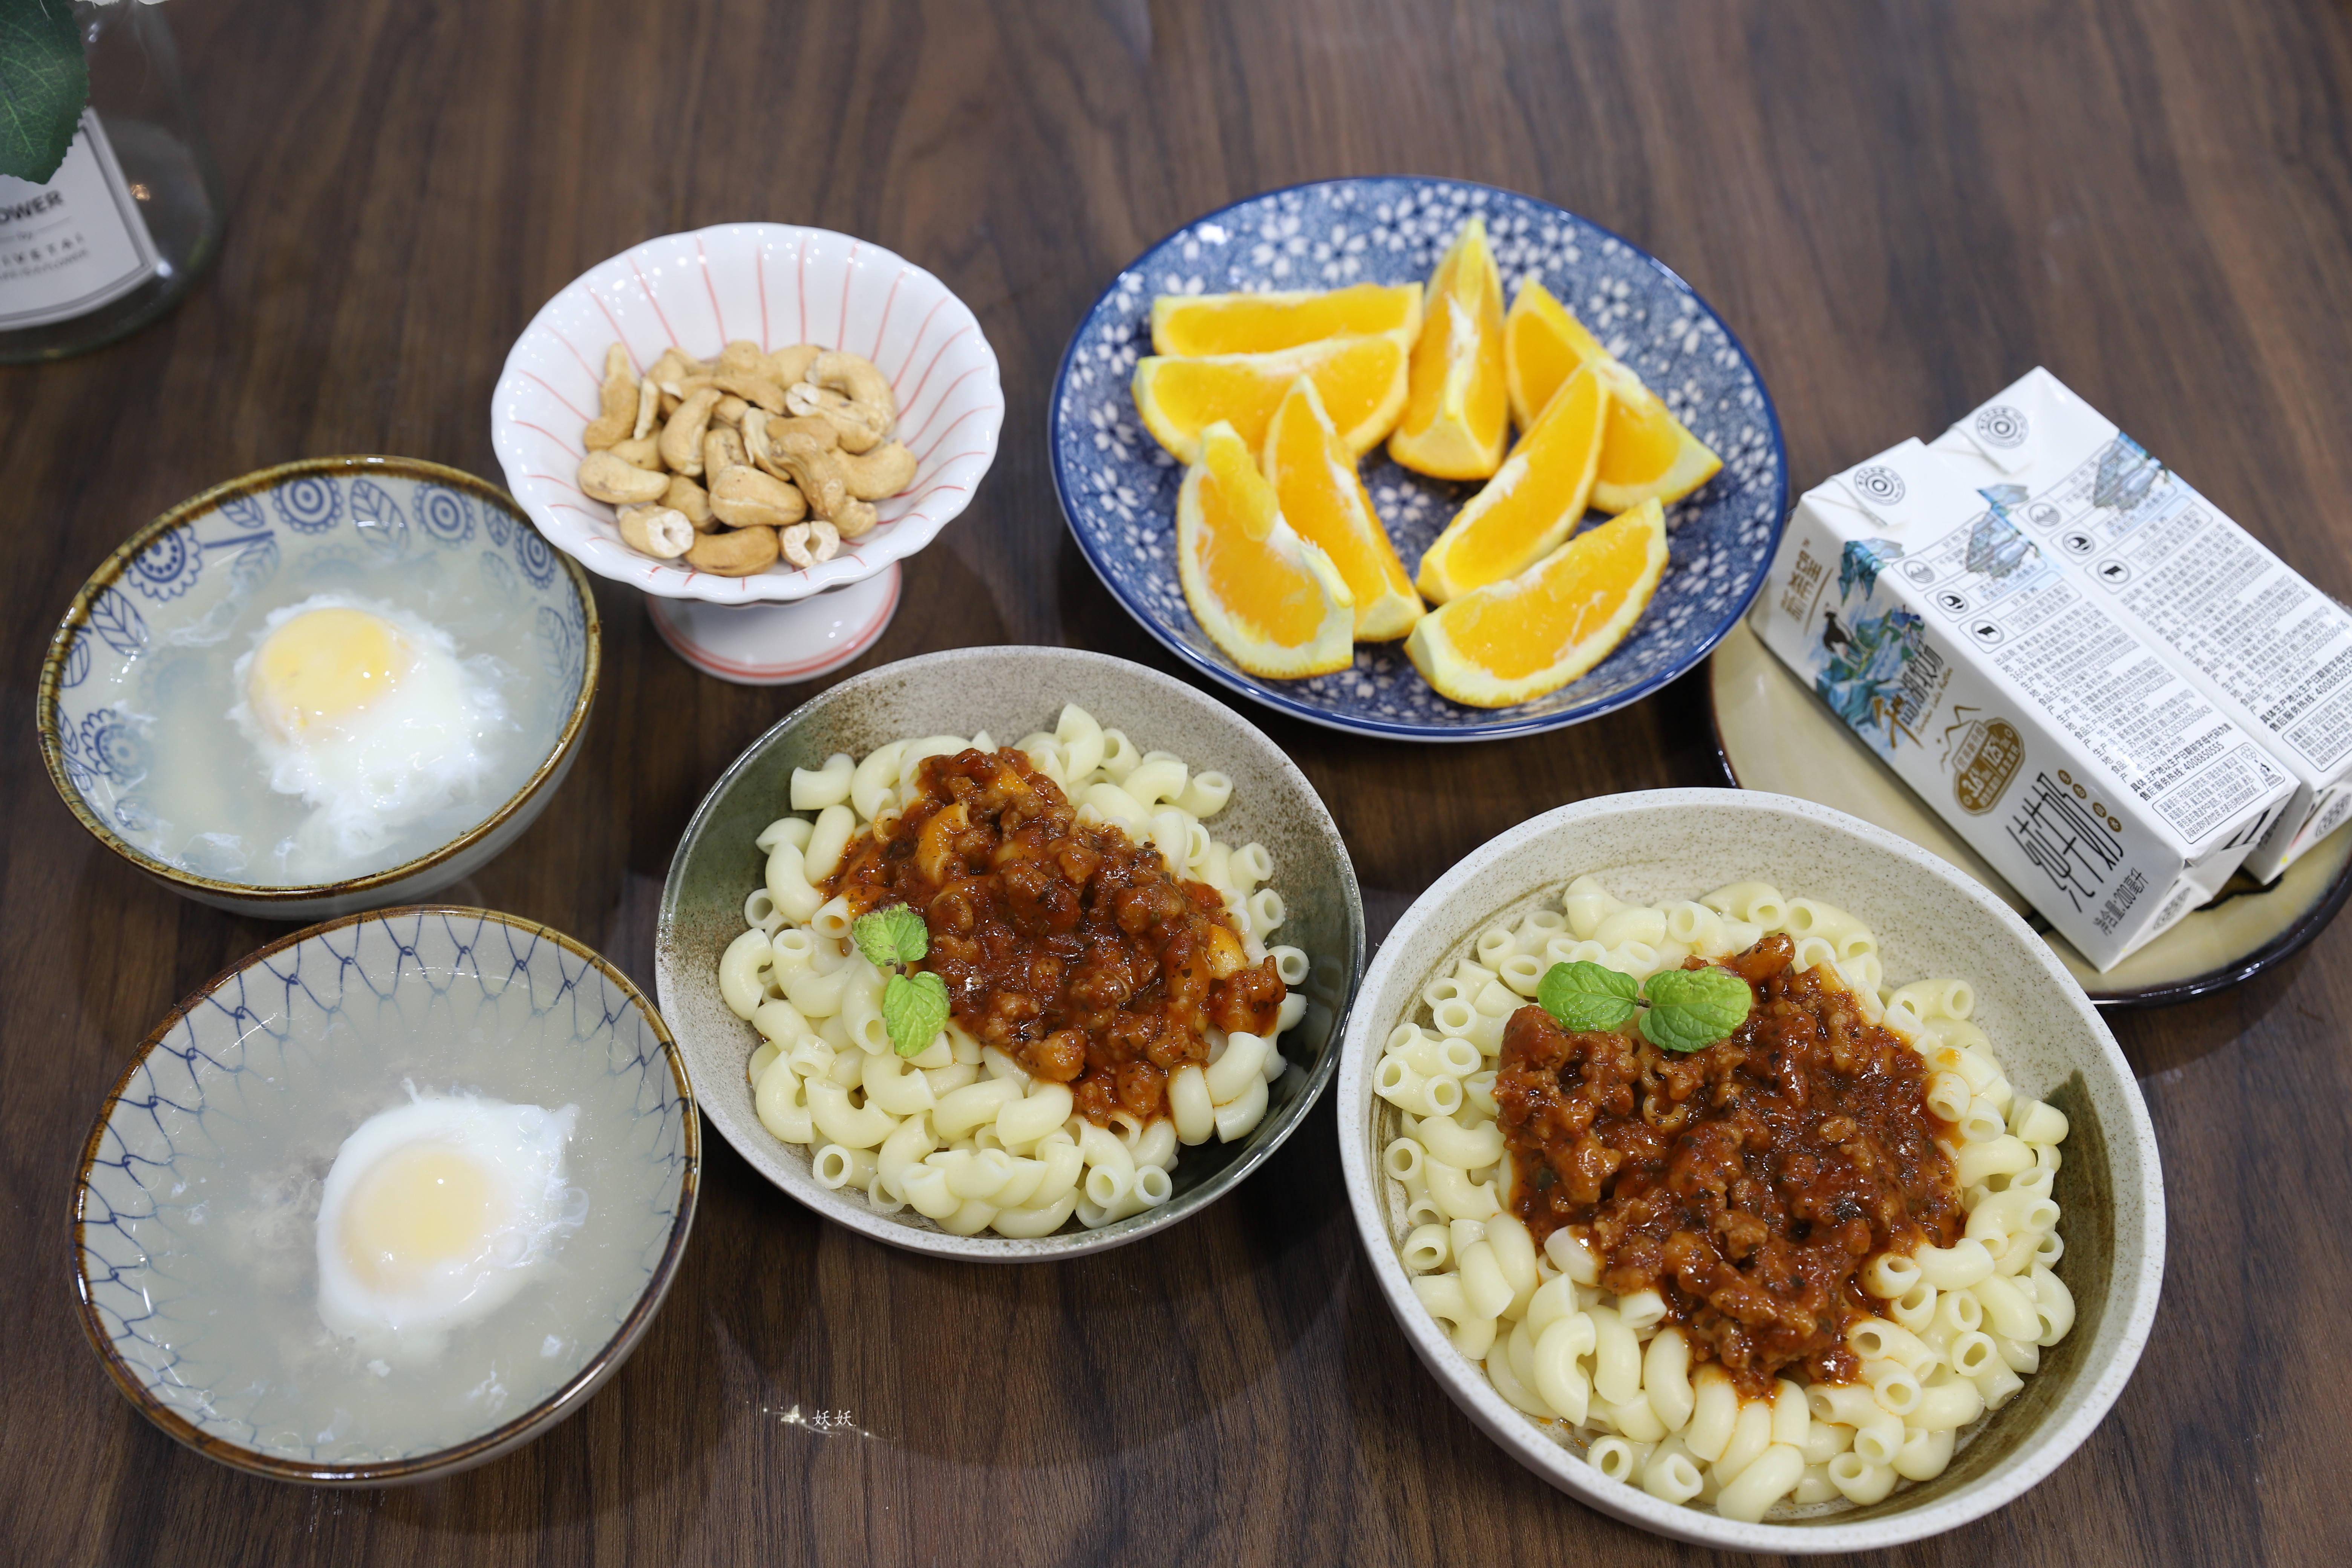 寒假开始了,熊孩子的早餐这样做,方便省事儿,上桌还特别受欢迎